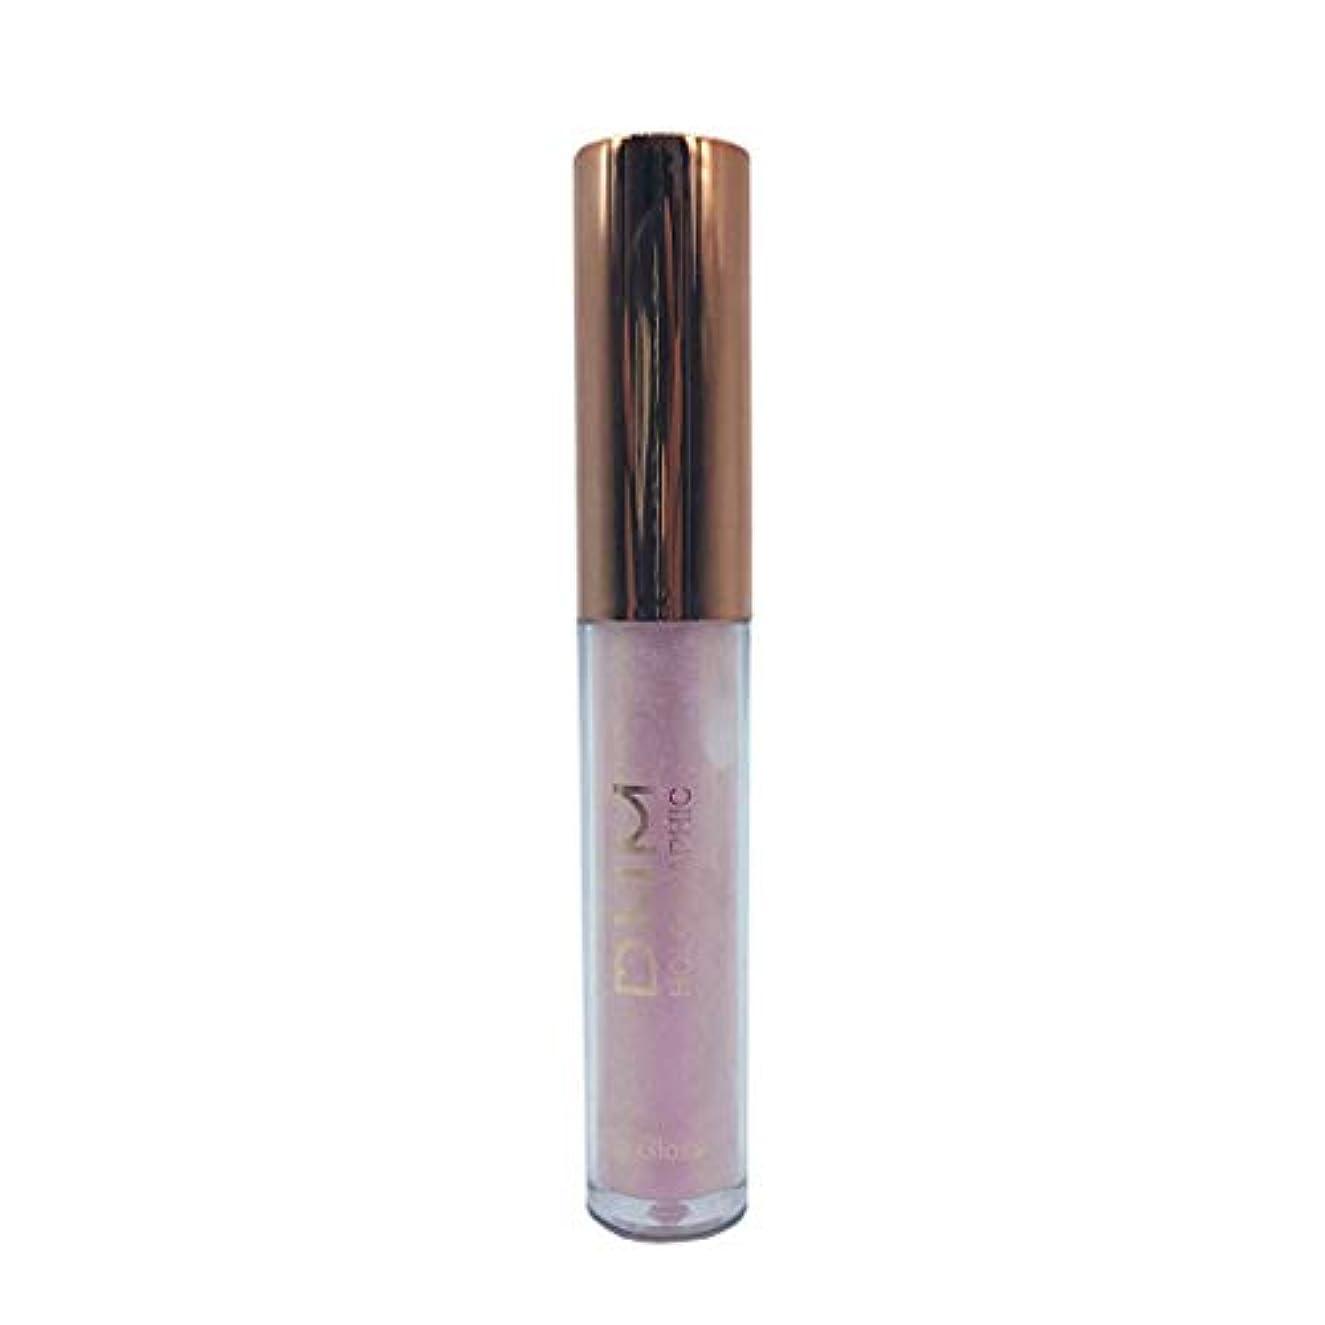 配列オフセット怠惰リップクリーム 液体 キラキラ ピンク 紫系 軽い 口紅 唇 リップバーム 光沢 分極 防水 長続き リップラインの色を鮮やかに描くルージュhuajuan (D)